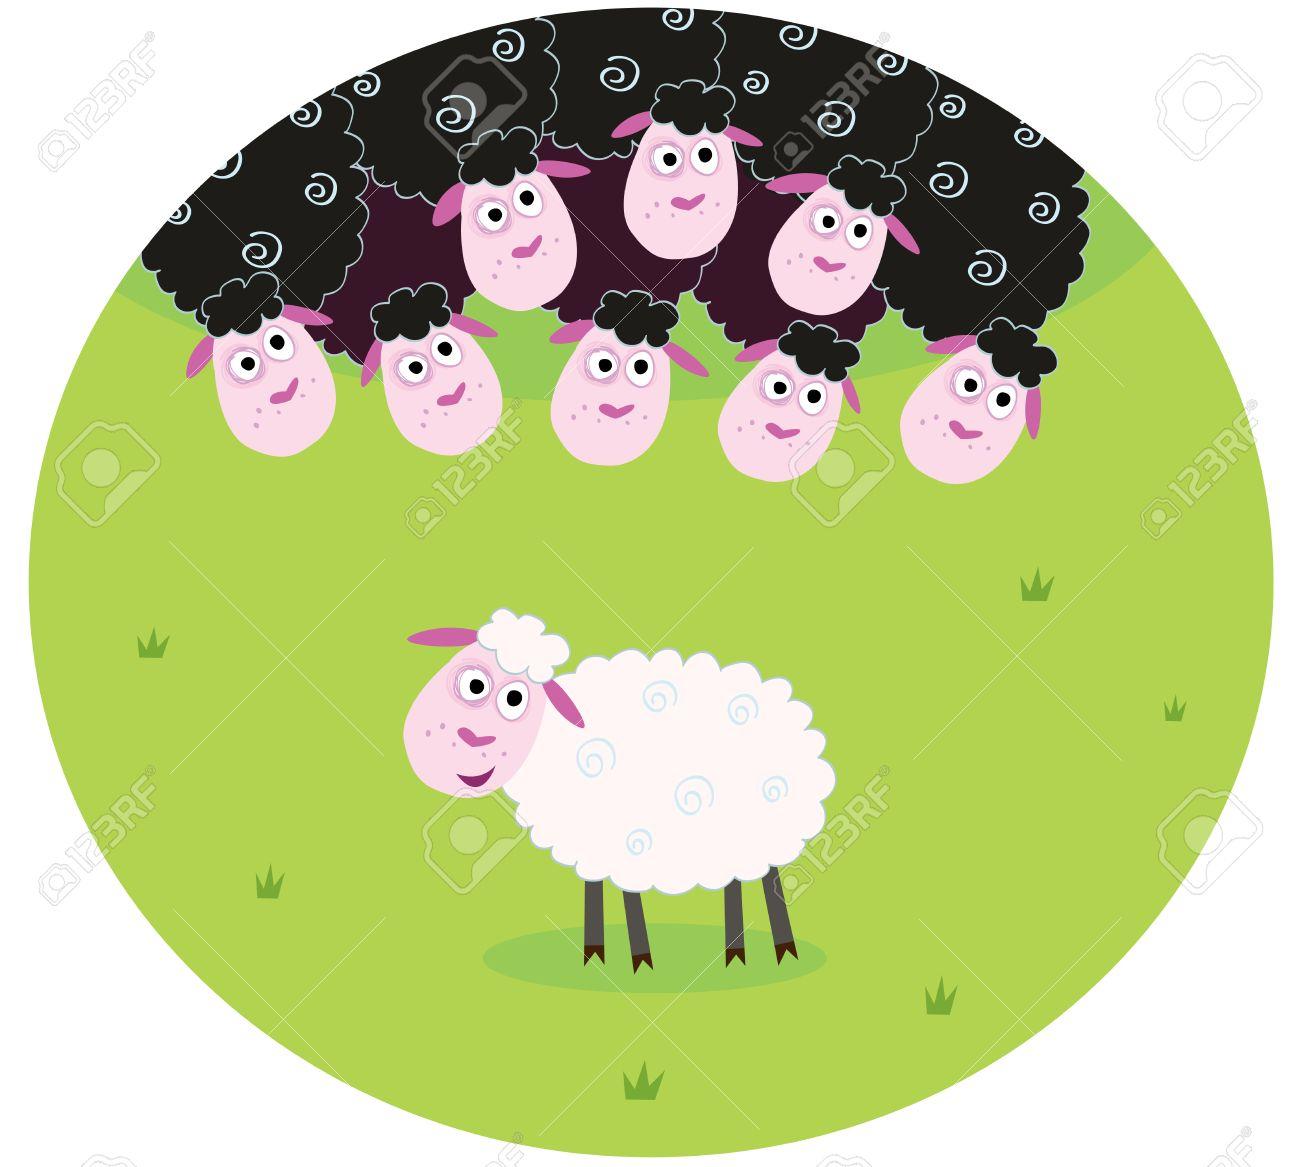 Noir Et Blanc Mouton. La Différence - Face De Moutons, Noir Et Blanc.  Moutons Blancs Entre La Famille De Brebis Galeuses. Dessin Stylisé  Illustration. intérieur Différence Entre Brebis Et Mouton